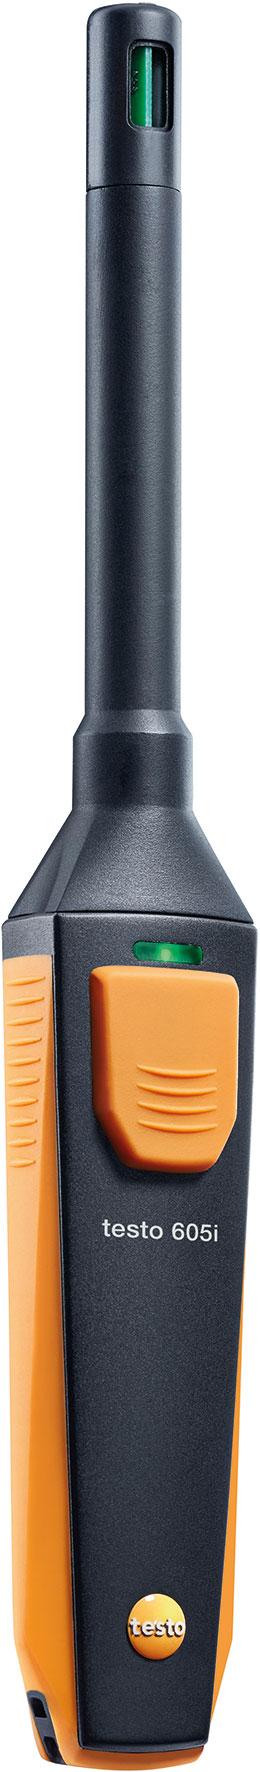 thermo hygrometer mit smartphone bedienung testo 605i messbereich 20 bis 60 c messbereich. Black Bedroom Furniture Sets. Home Design Ideas